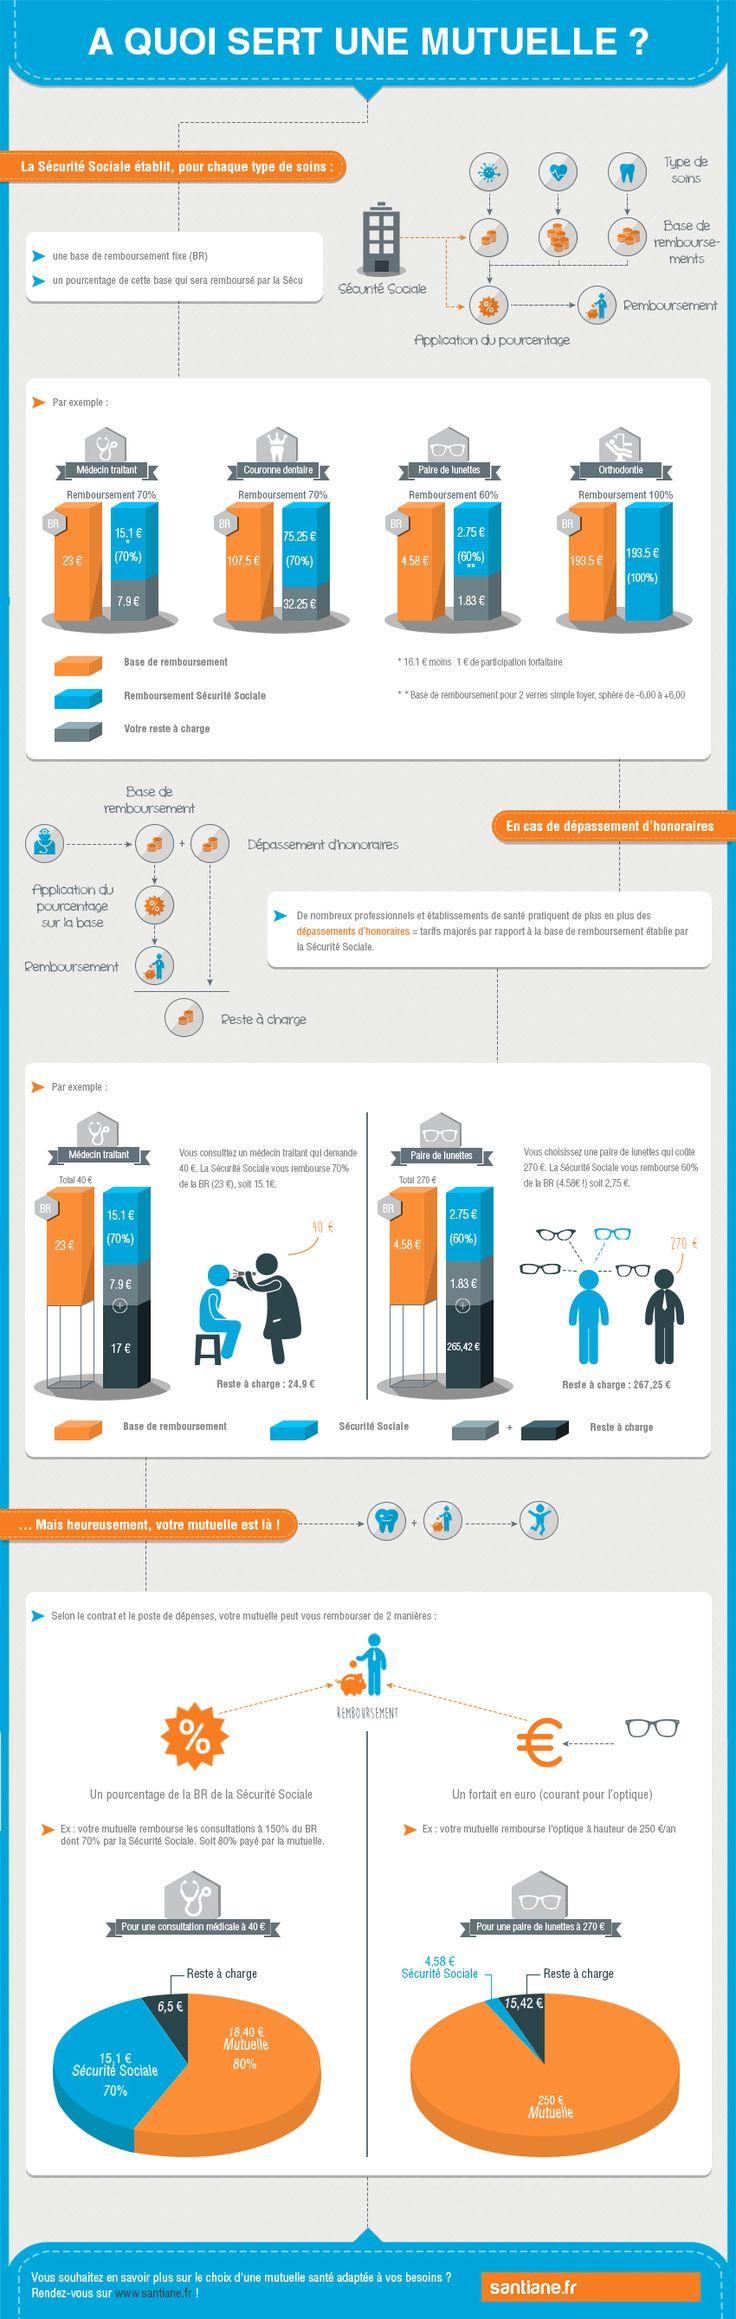 Infographie : à quoi sert une mutuelle santé ? - santiane.fr